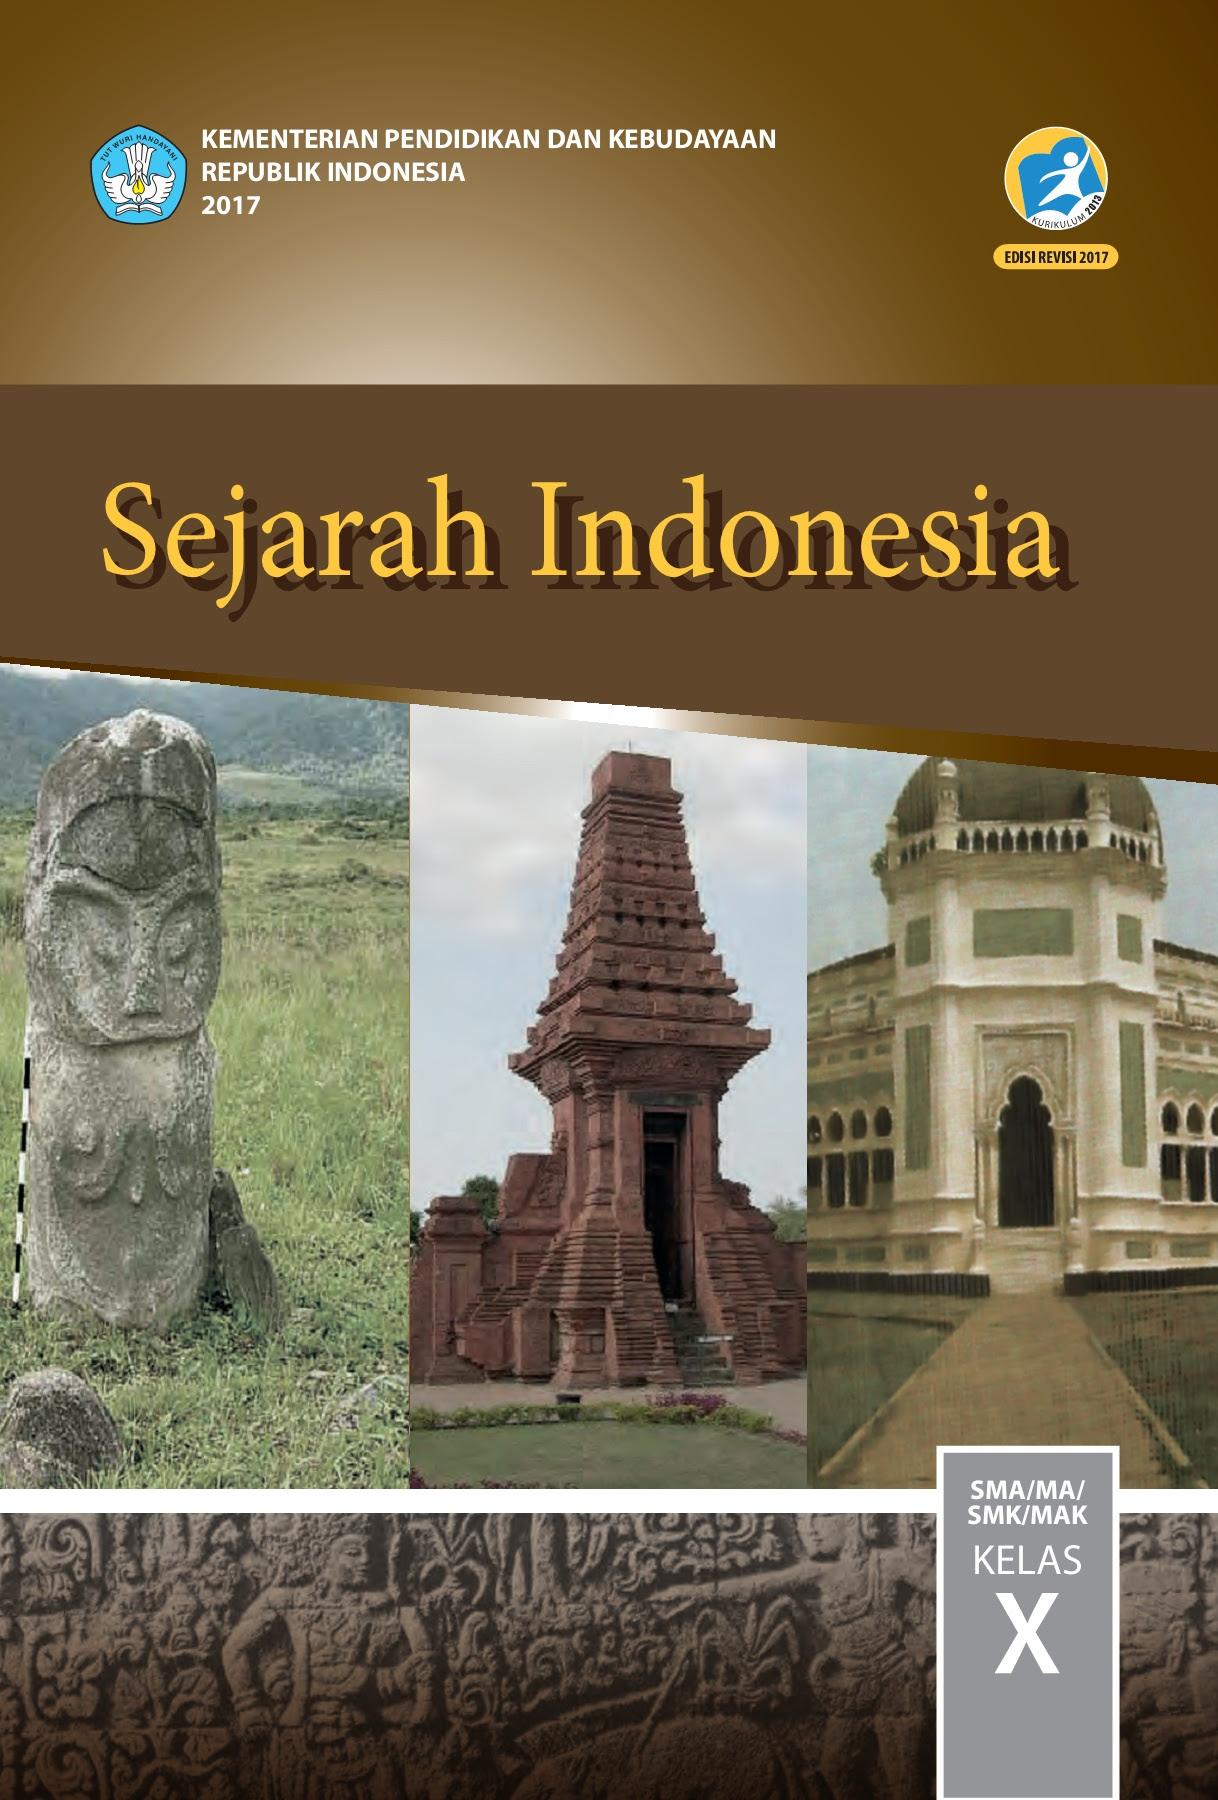 Beberapa Peran Tokoh Pengembang Agama Islam Di Indonesia : beberapa, peran, tokoh, pengembang, agama, islam, indonesia, Sebutkan, Peran, Tokoh, Pengembang, Agama, Islam, Indonesia